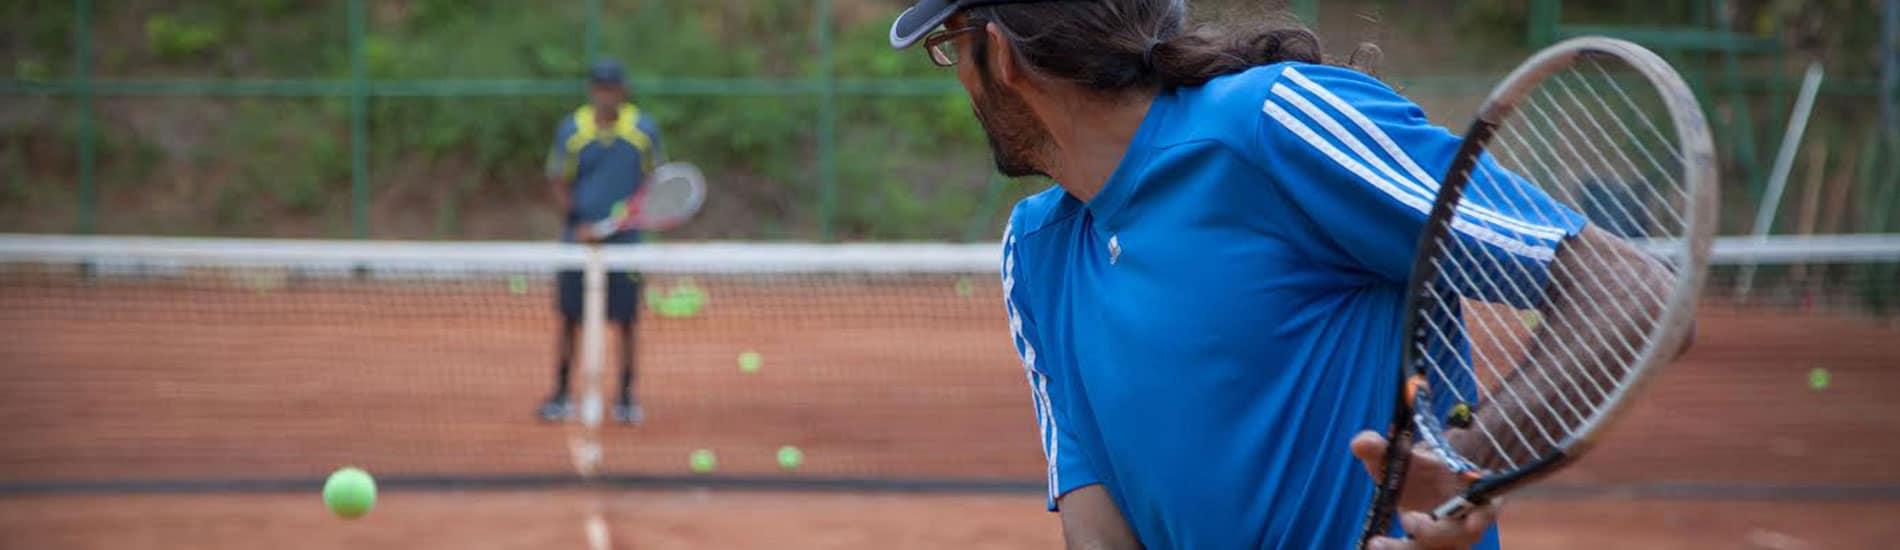 Tennis in PachaMama